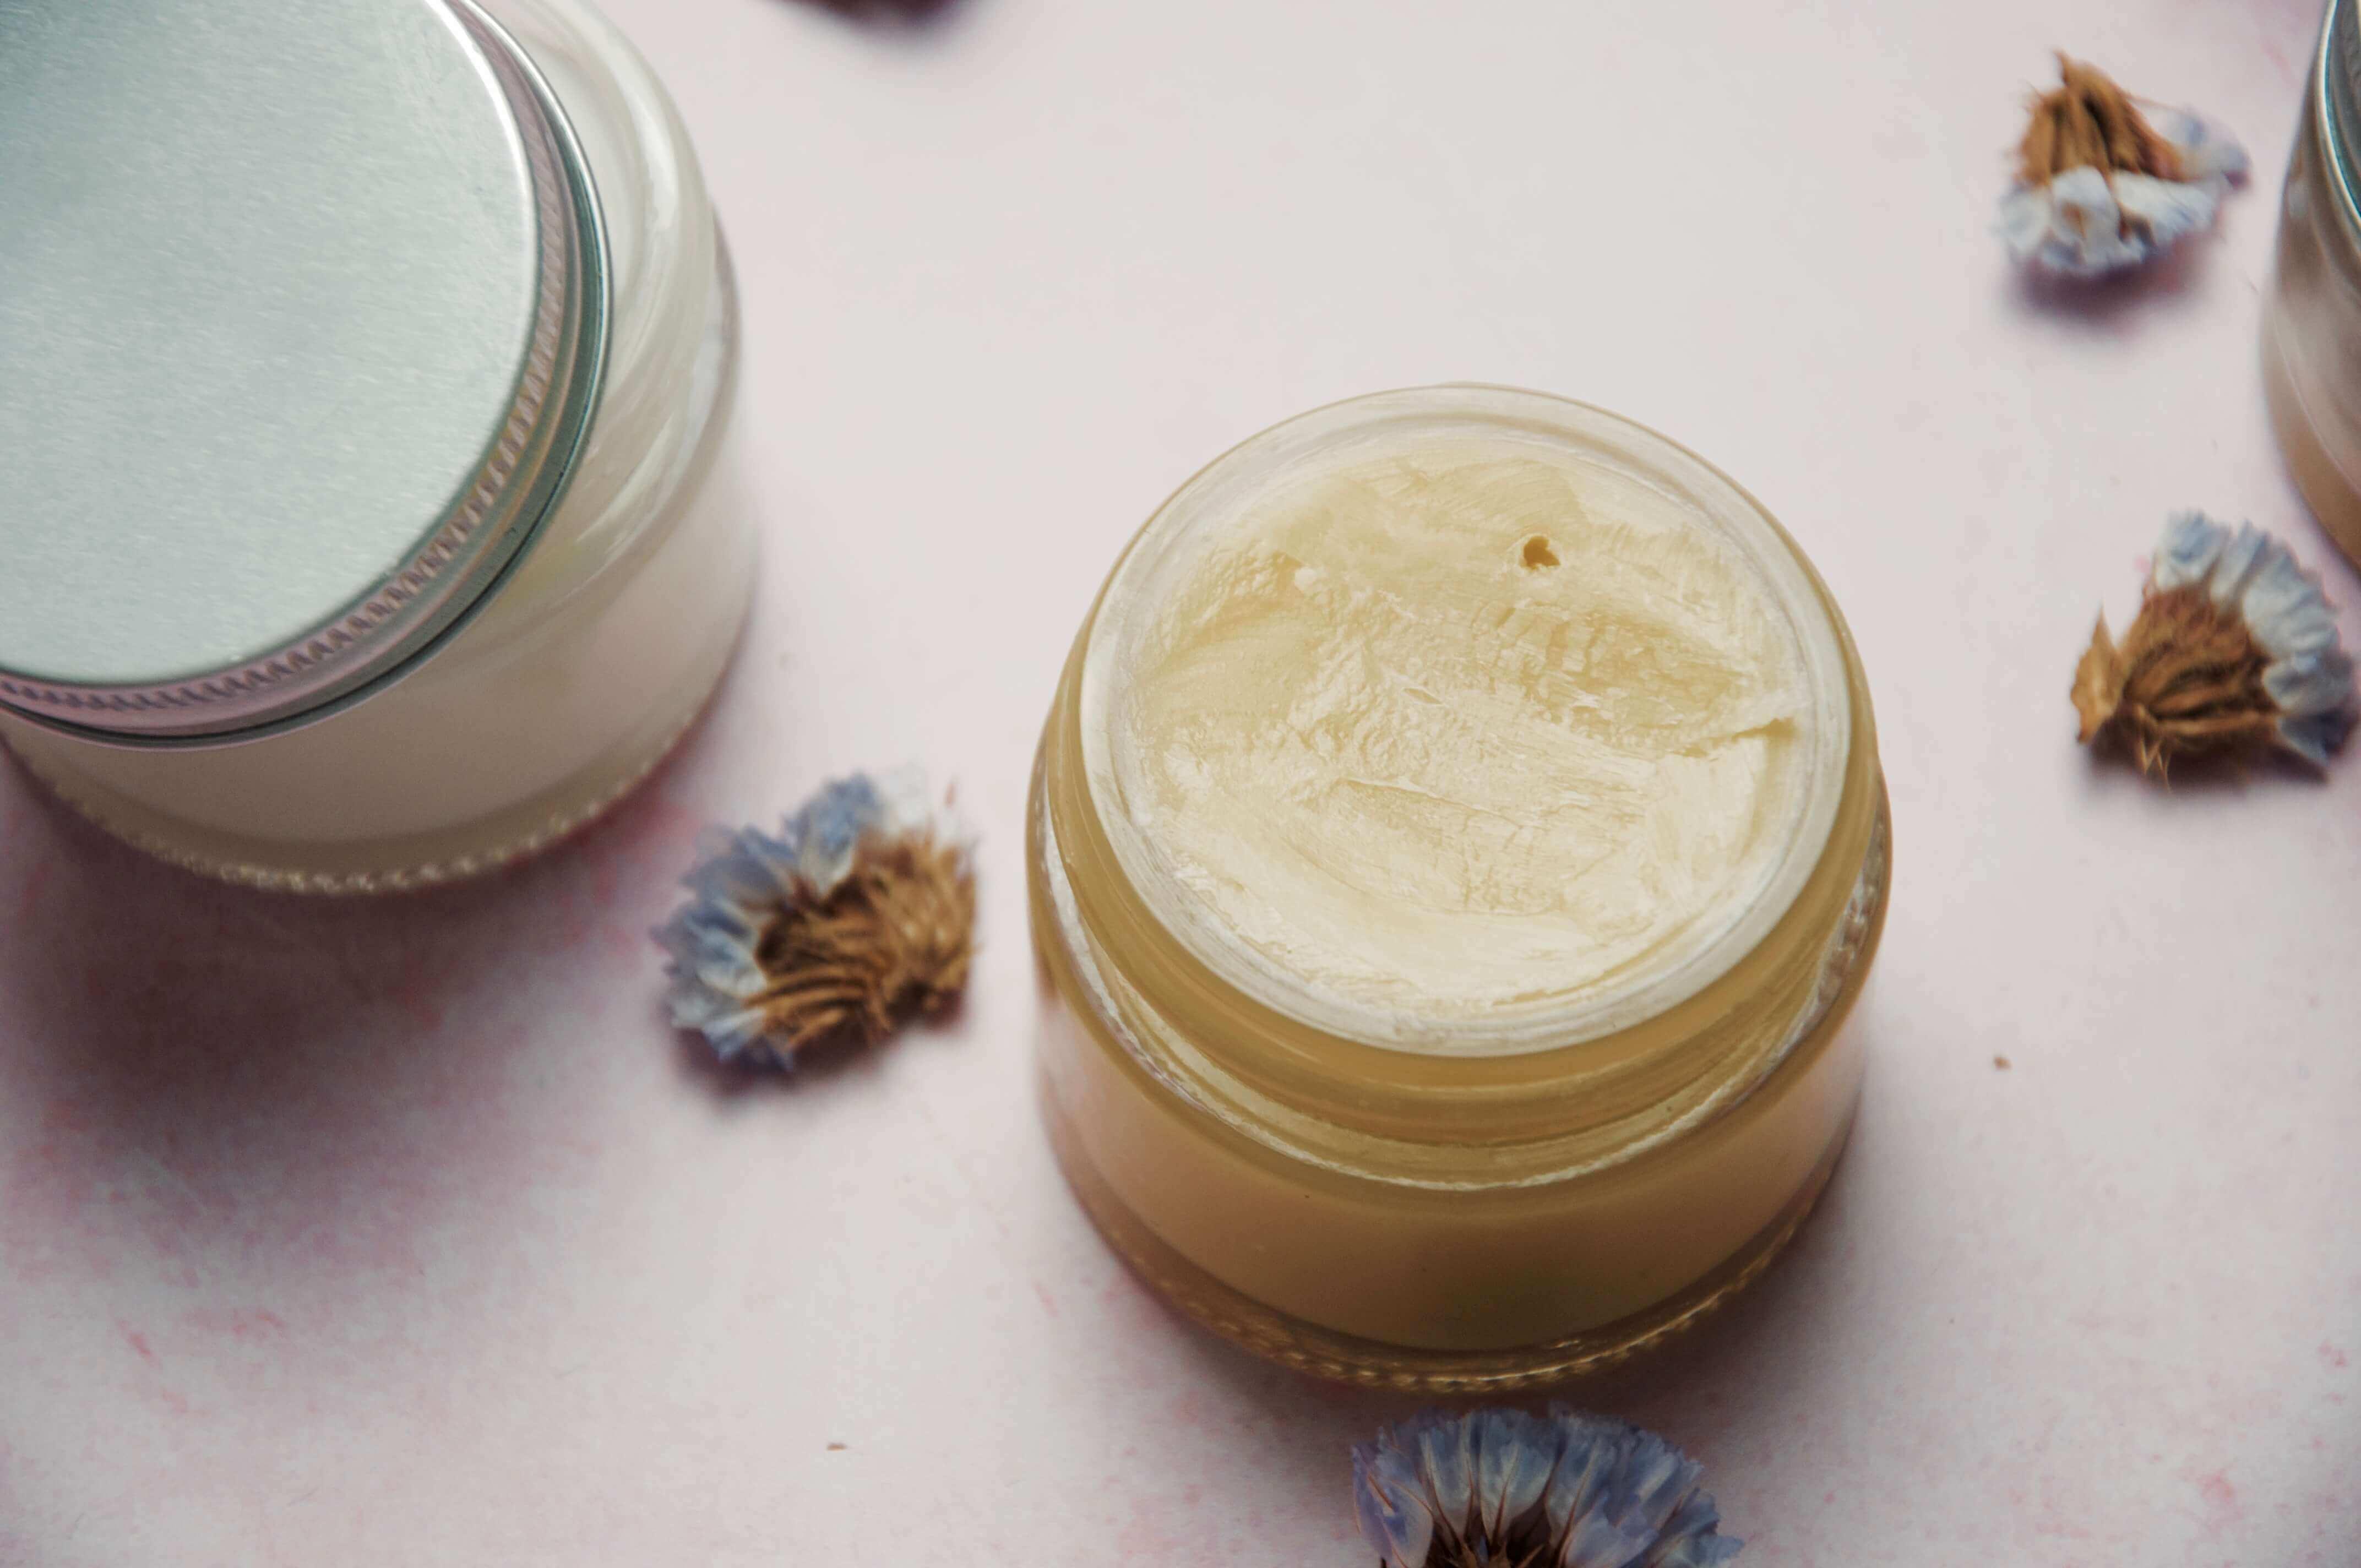 deodorant_naturel_mademoiselle_cosmethique